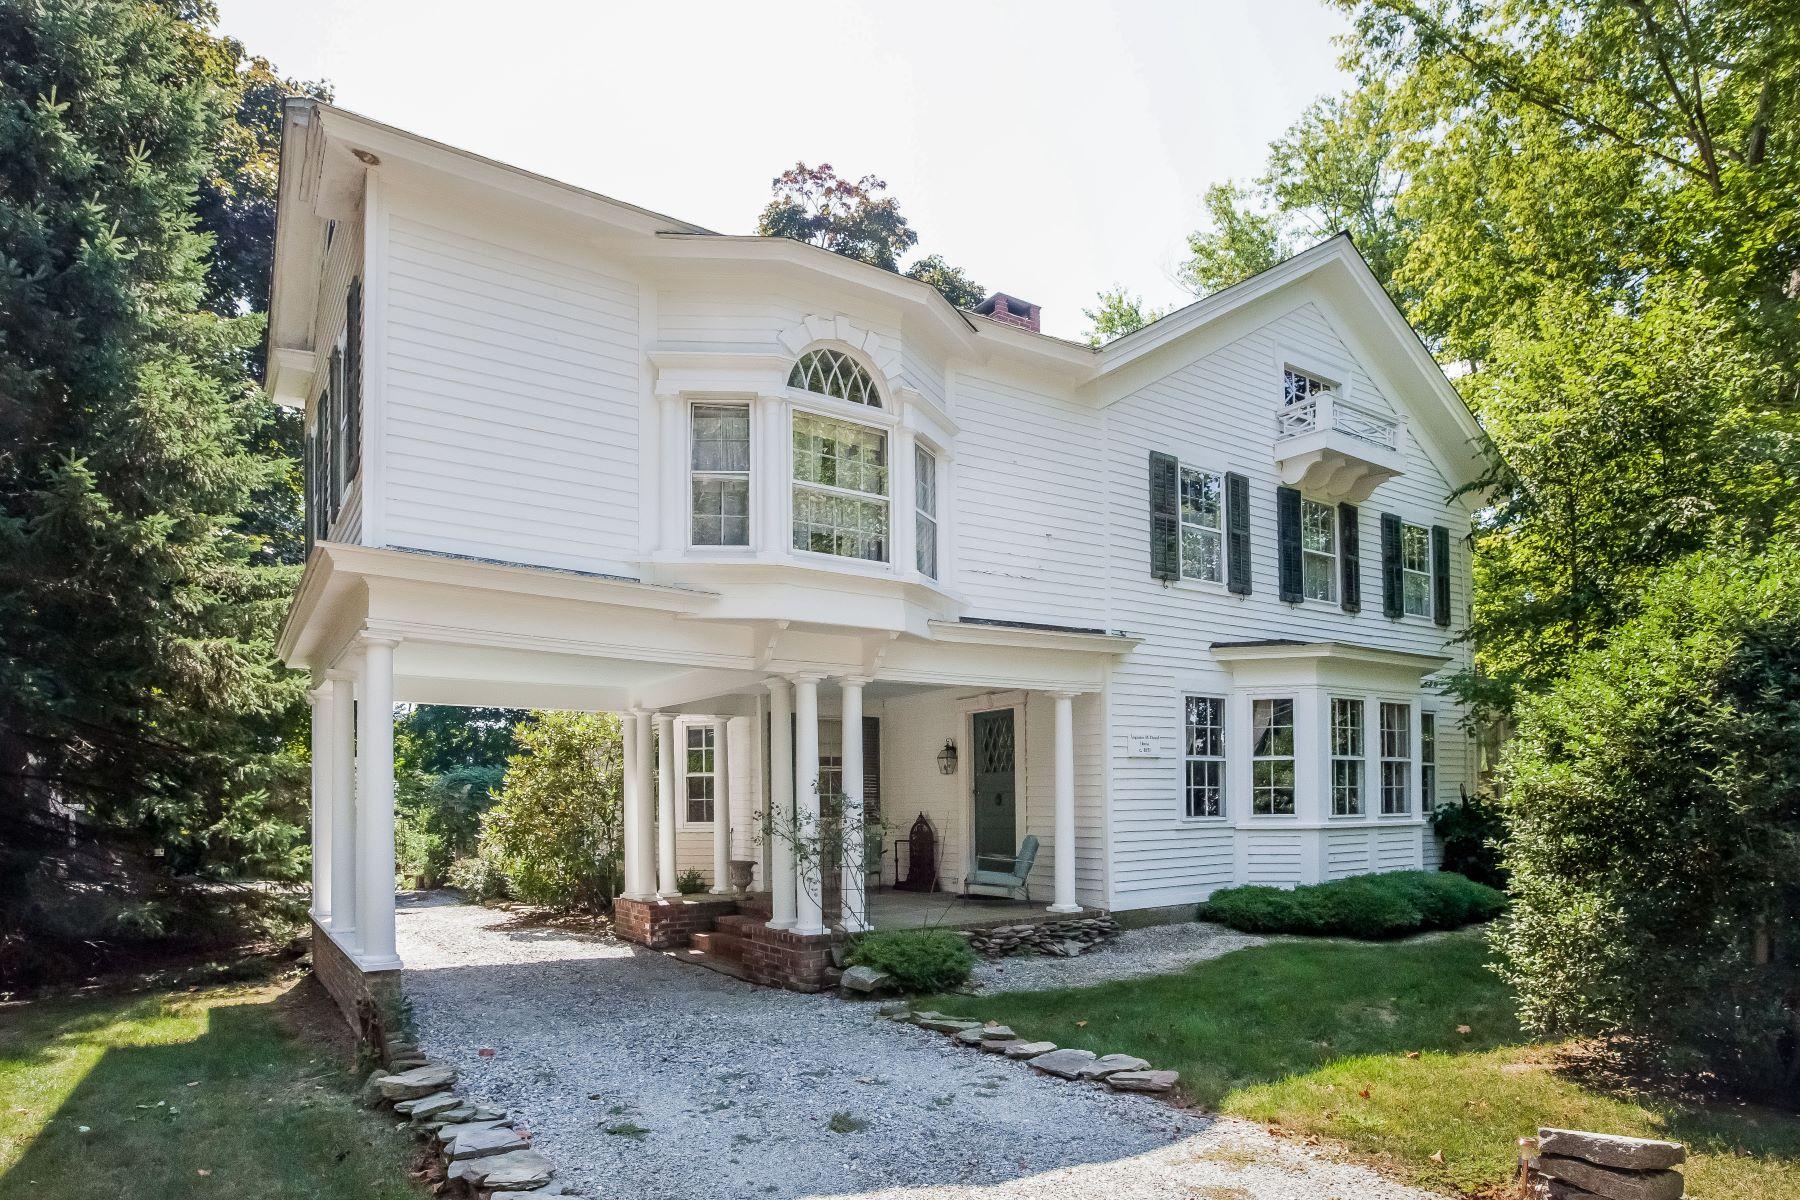 Villa per Vendita alle ore 318 Boston Post Road Madison, Connecticut, 06443 Stati Uniti